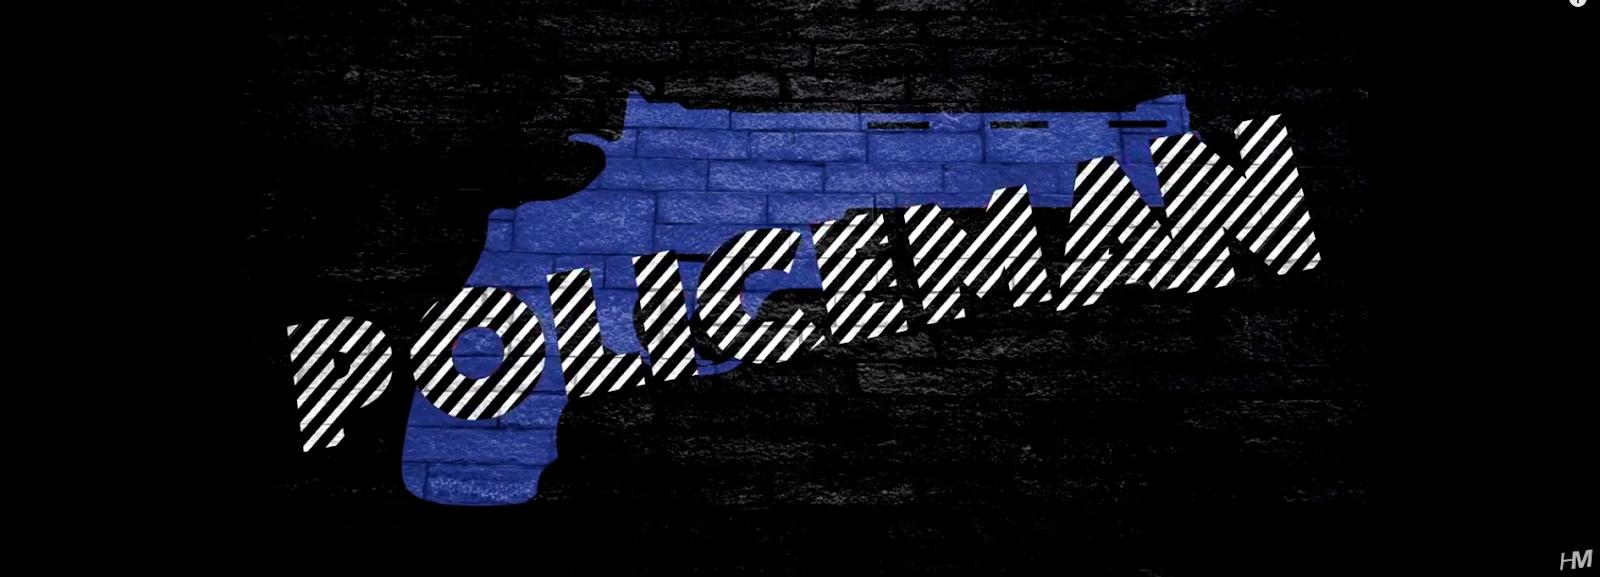 Le  clip et les paroles du  hit de Eva Simons - Policeman (feat Konshens) (2015)